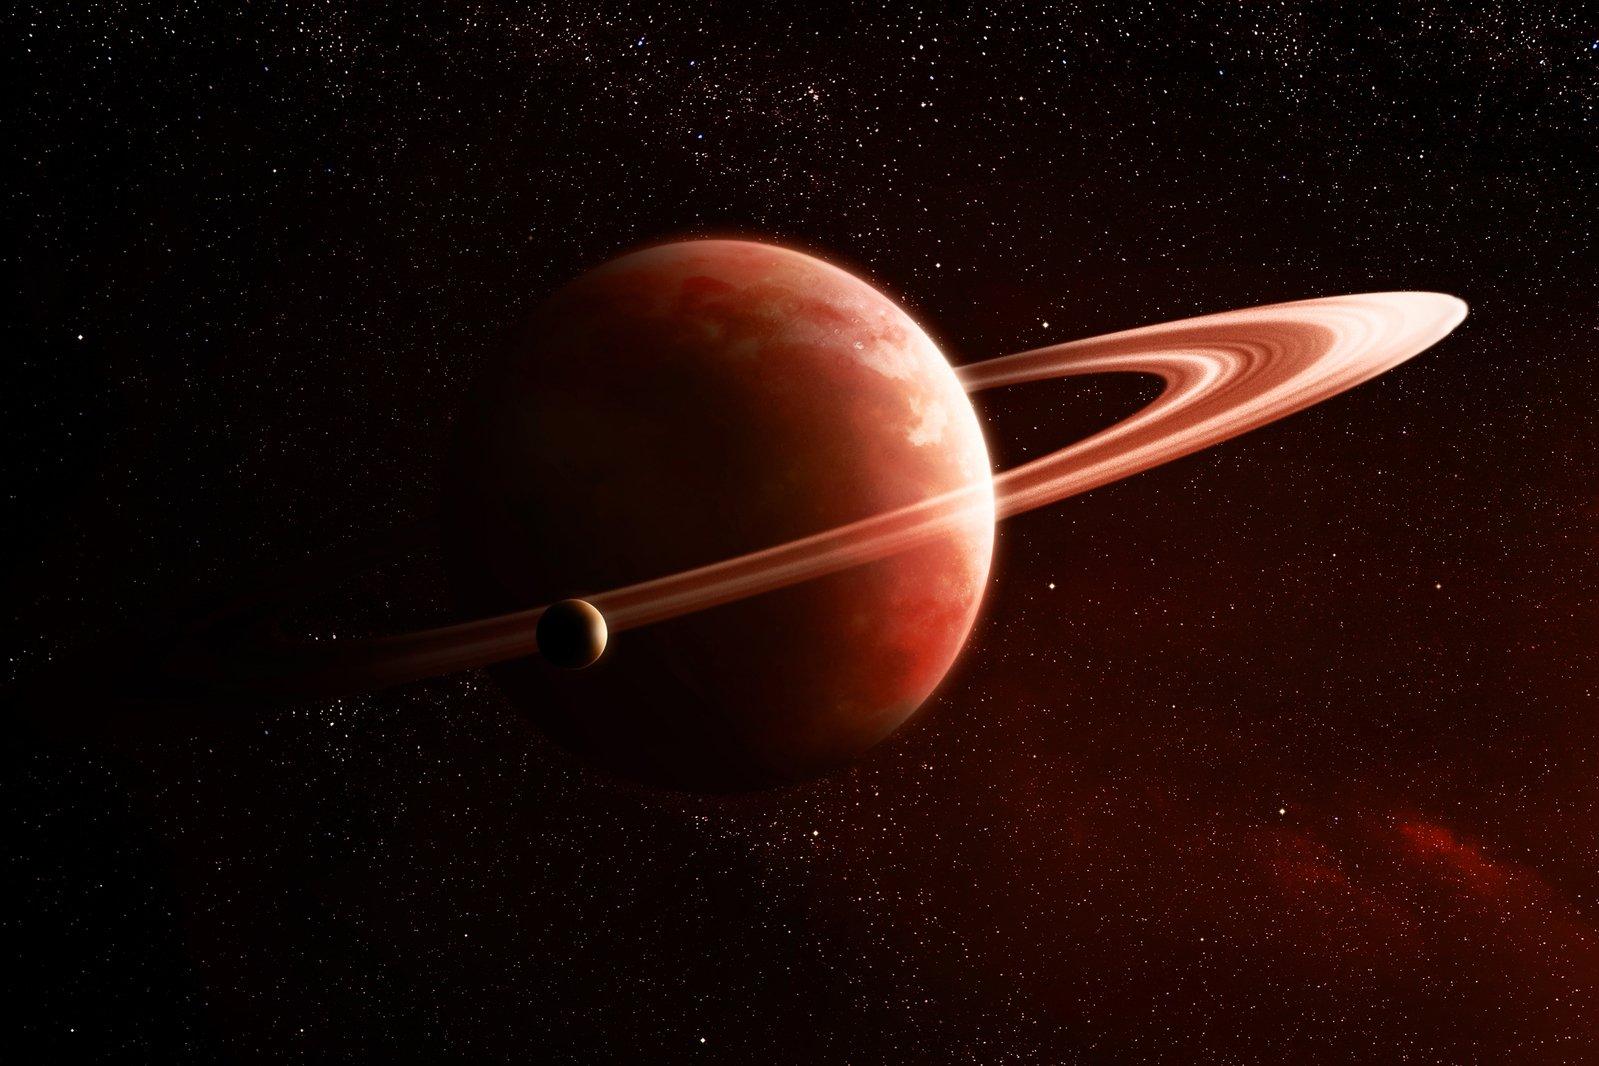 говоря, посещен реальные фото сатурна из космоса нас